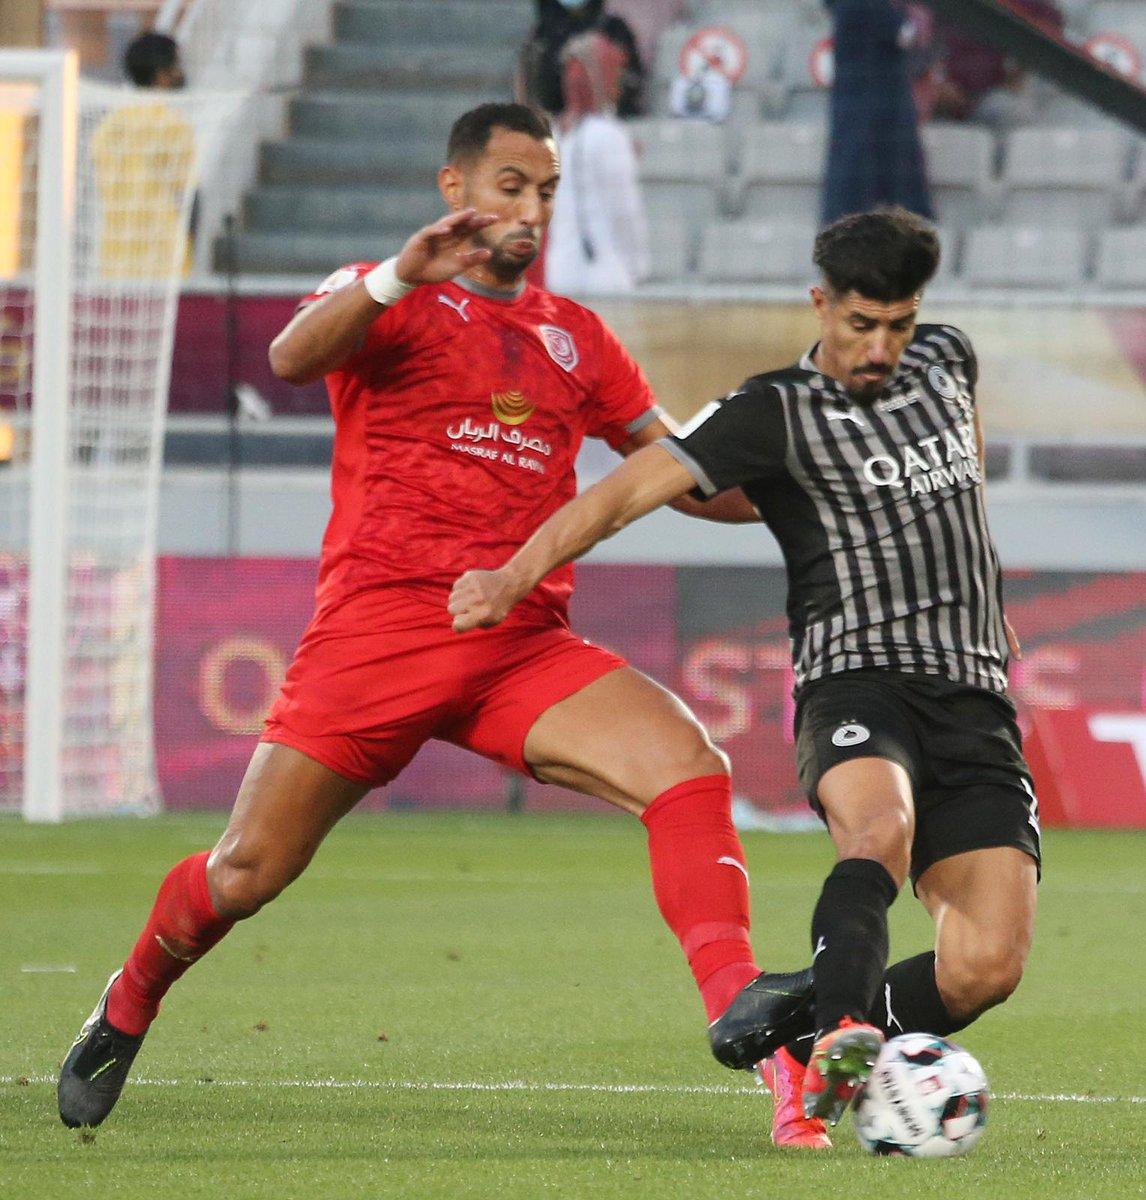 اختيار بغداد بونجاح أفضل لاعب في المباراة النهائية لبطولة  كأس قطر2021 السد الدحيل كأس قطر